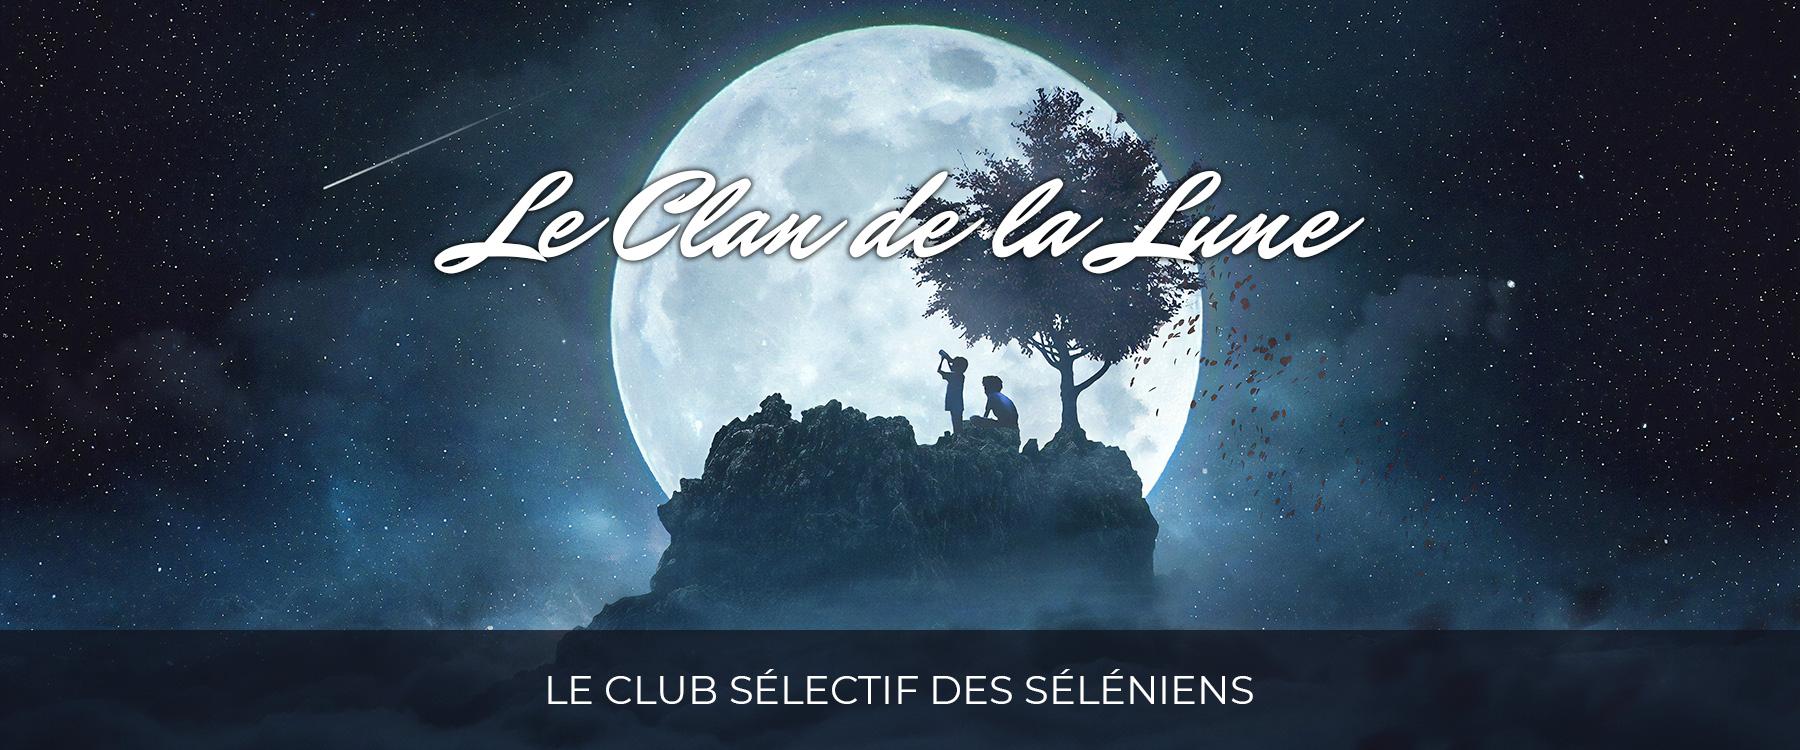 Le Clan de la Lune